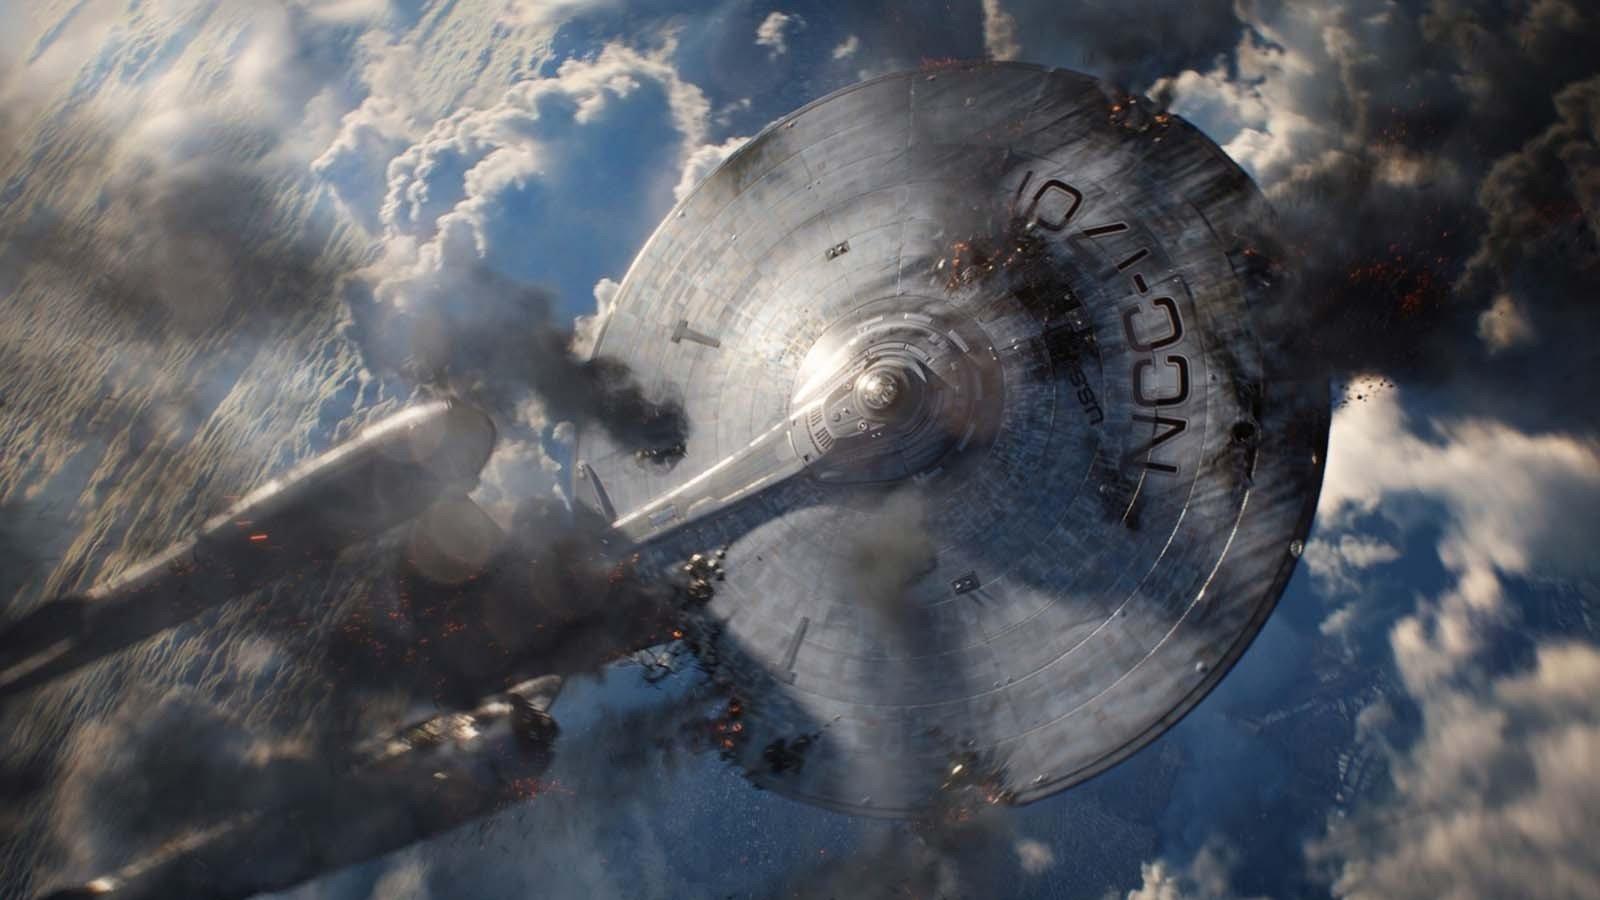 Wallpaper 1600x900 Px Star Trek Into Darkness 1600x900 Wallup